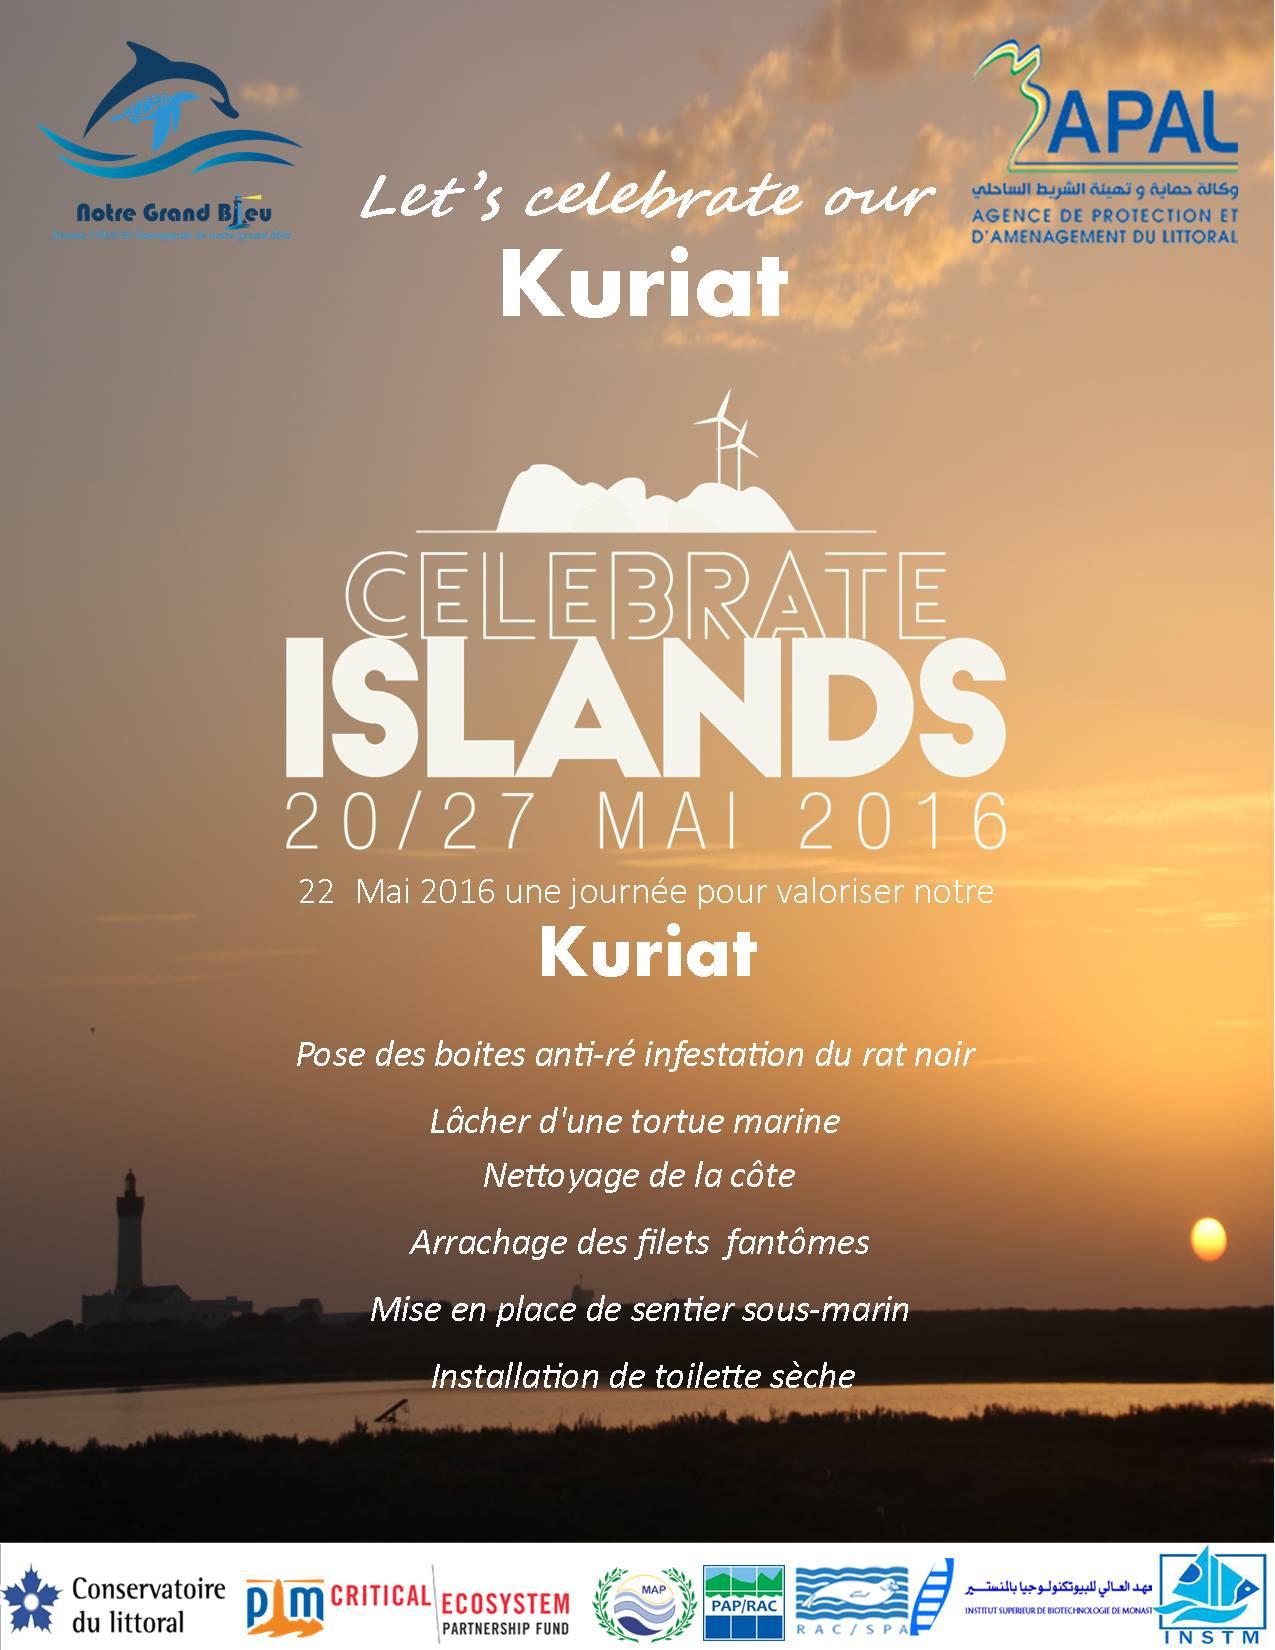 Fête des Iles sur l'Archipel des Kuriat 254